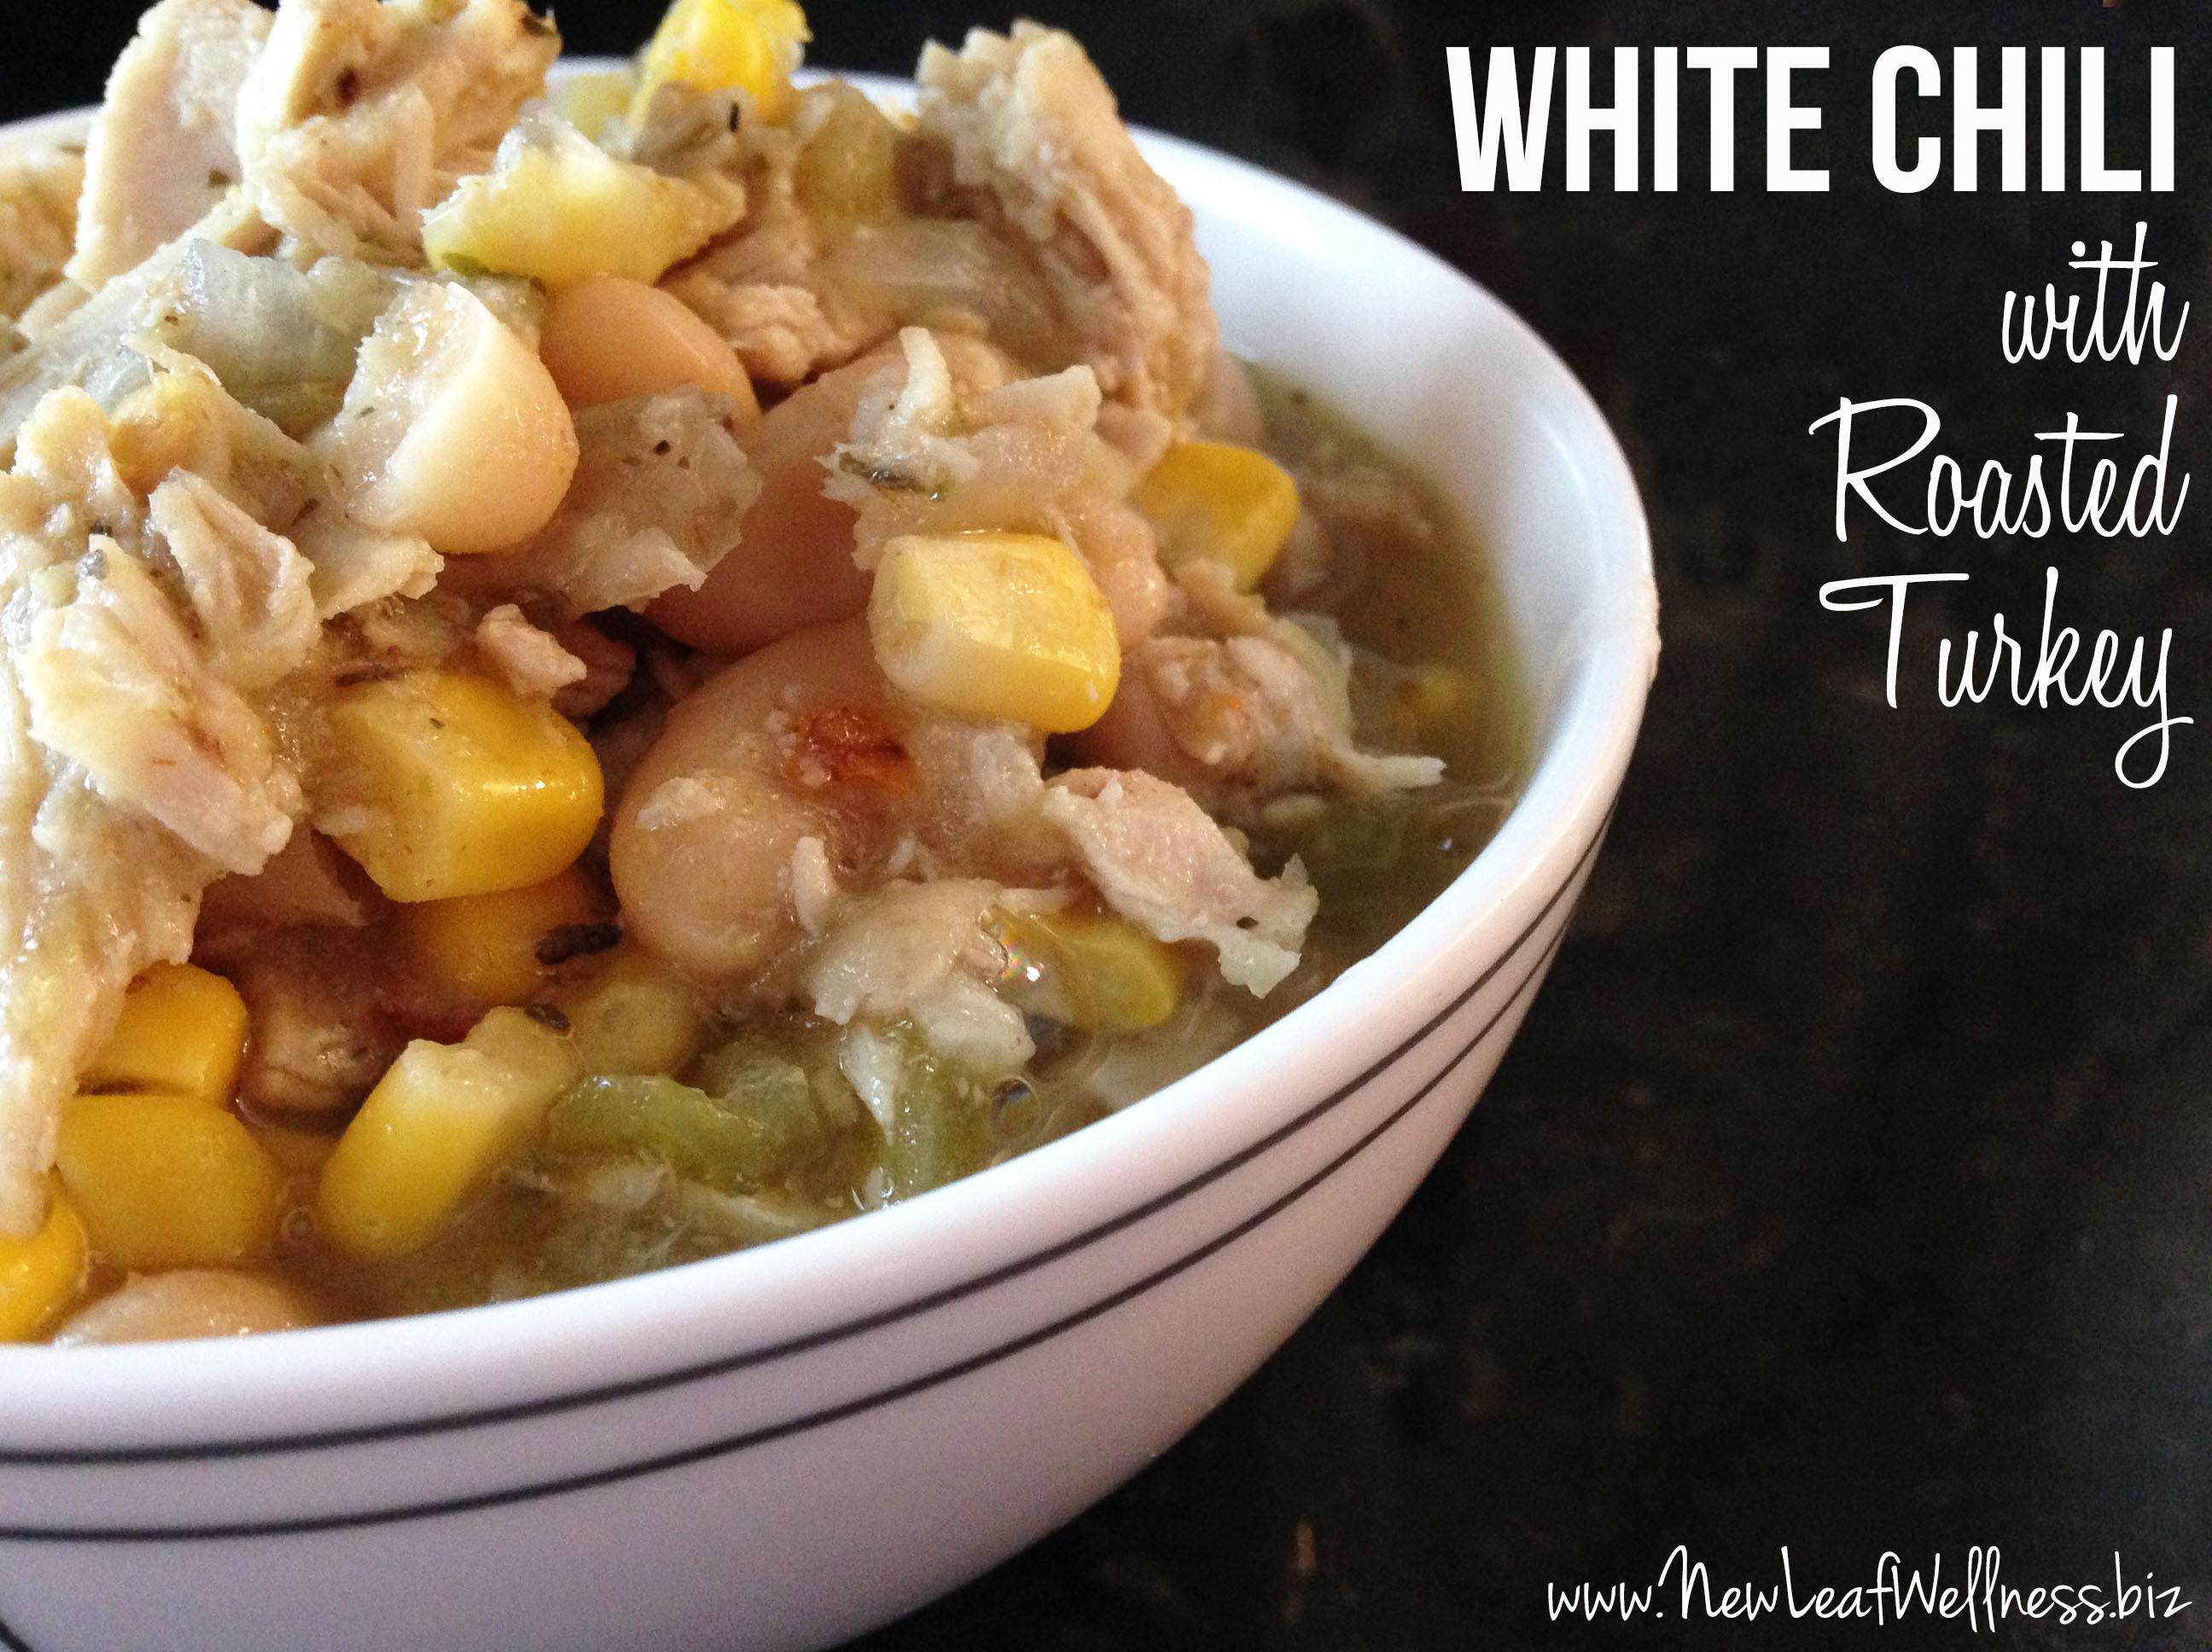 White Chili Recipe with Roasted Turkey